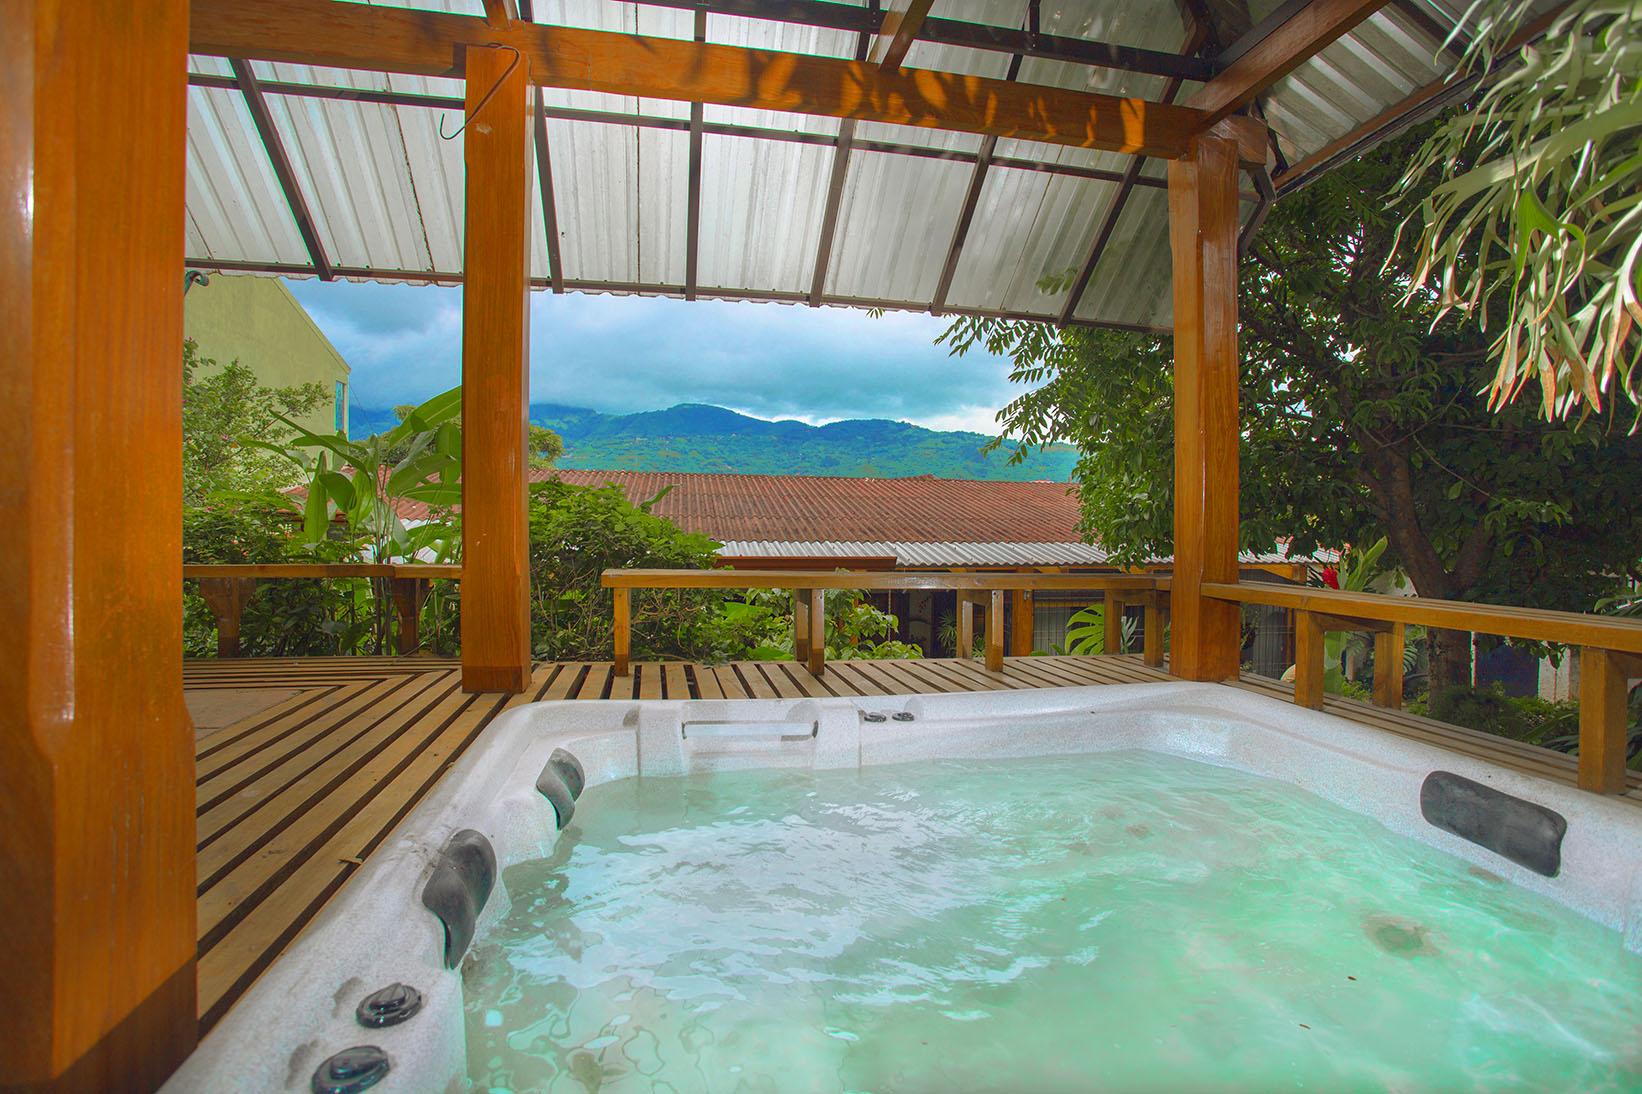 Частный односемейный дом для того Продажа на Colonial Style with Great Location Escazu, Сан-Хосе, Коста-Рика